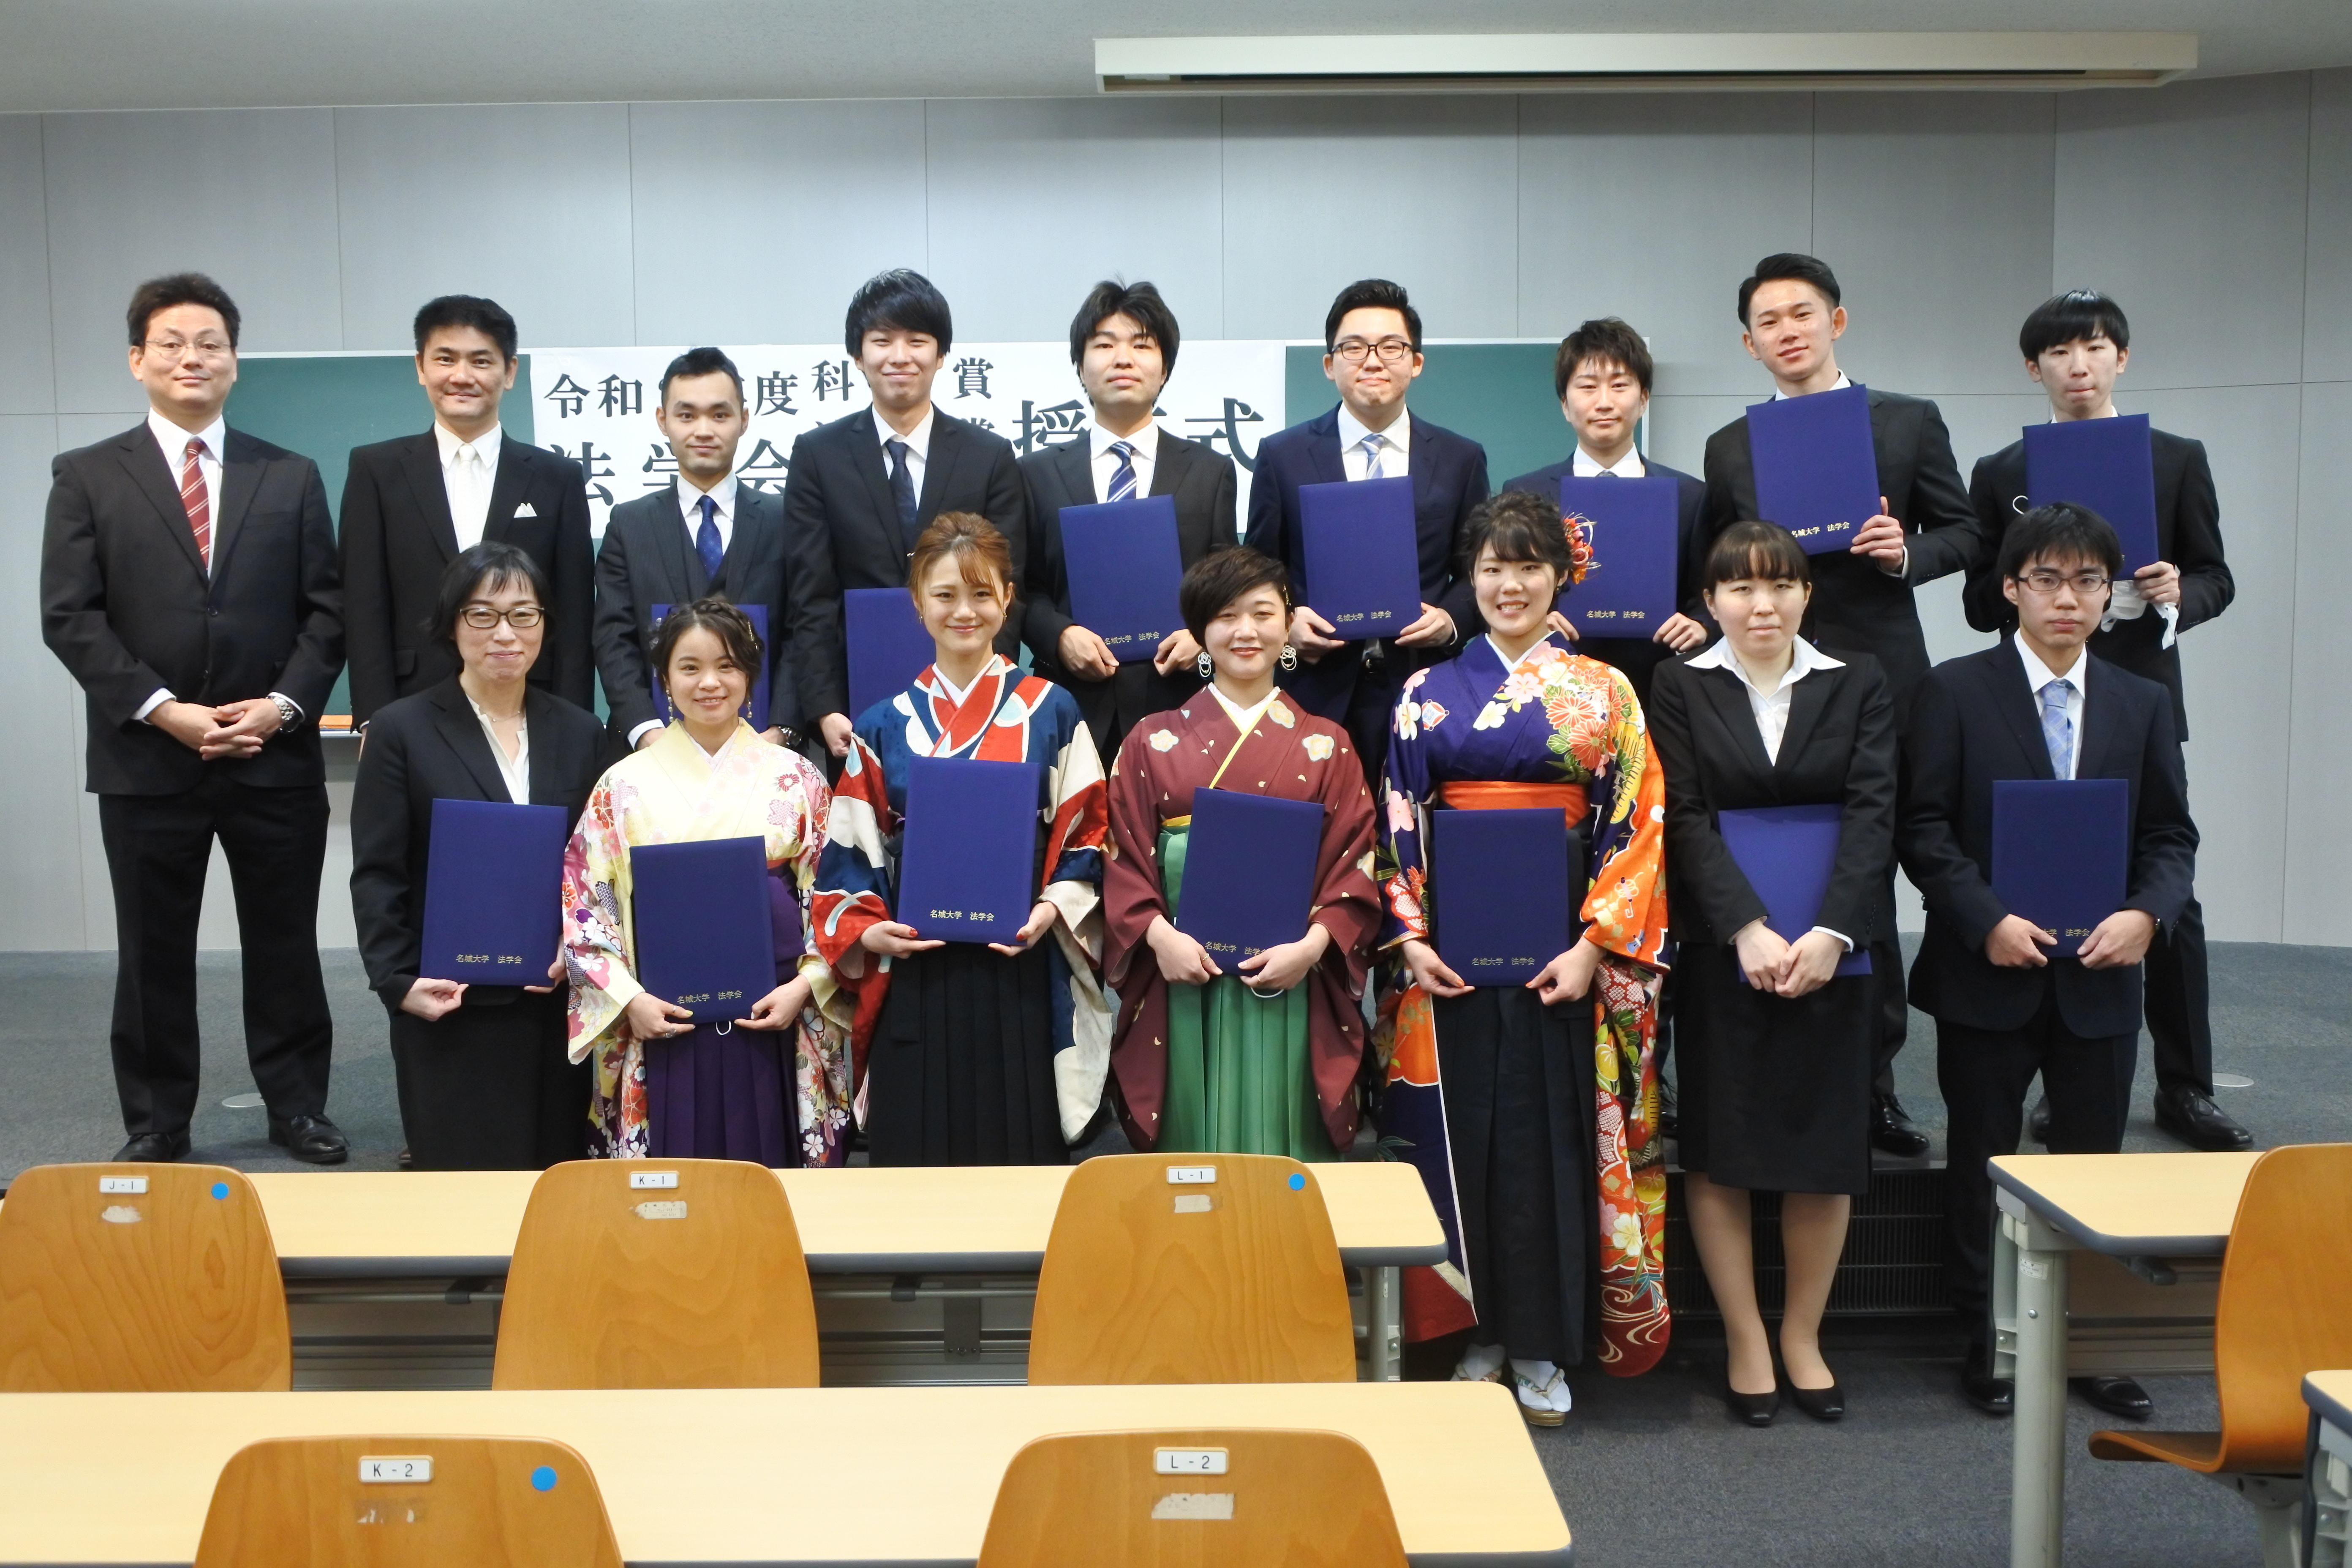 法学会の伊川正樹会長(法学部長、後列左から2人目)から科長賞・法学会賞・特別賞を受けた人たち